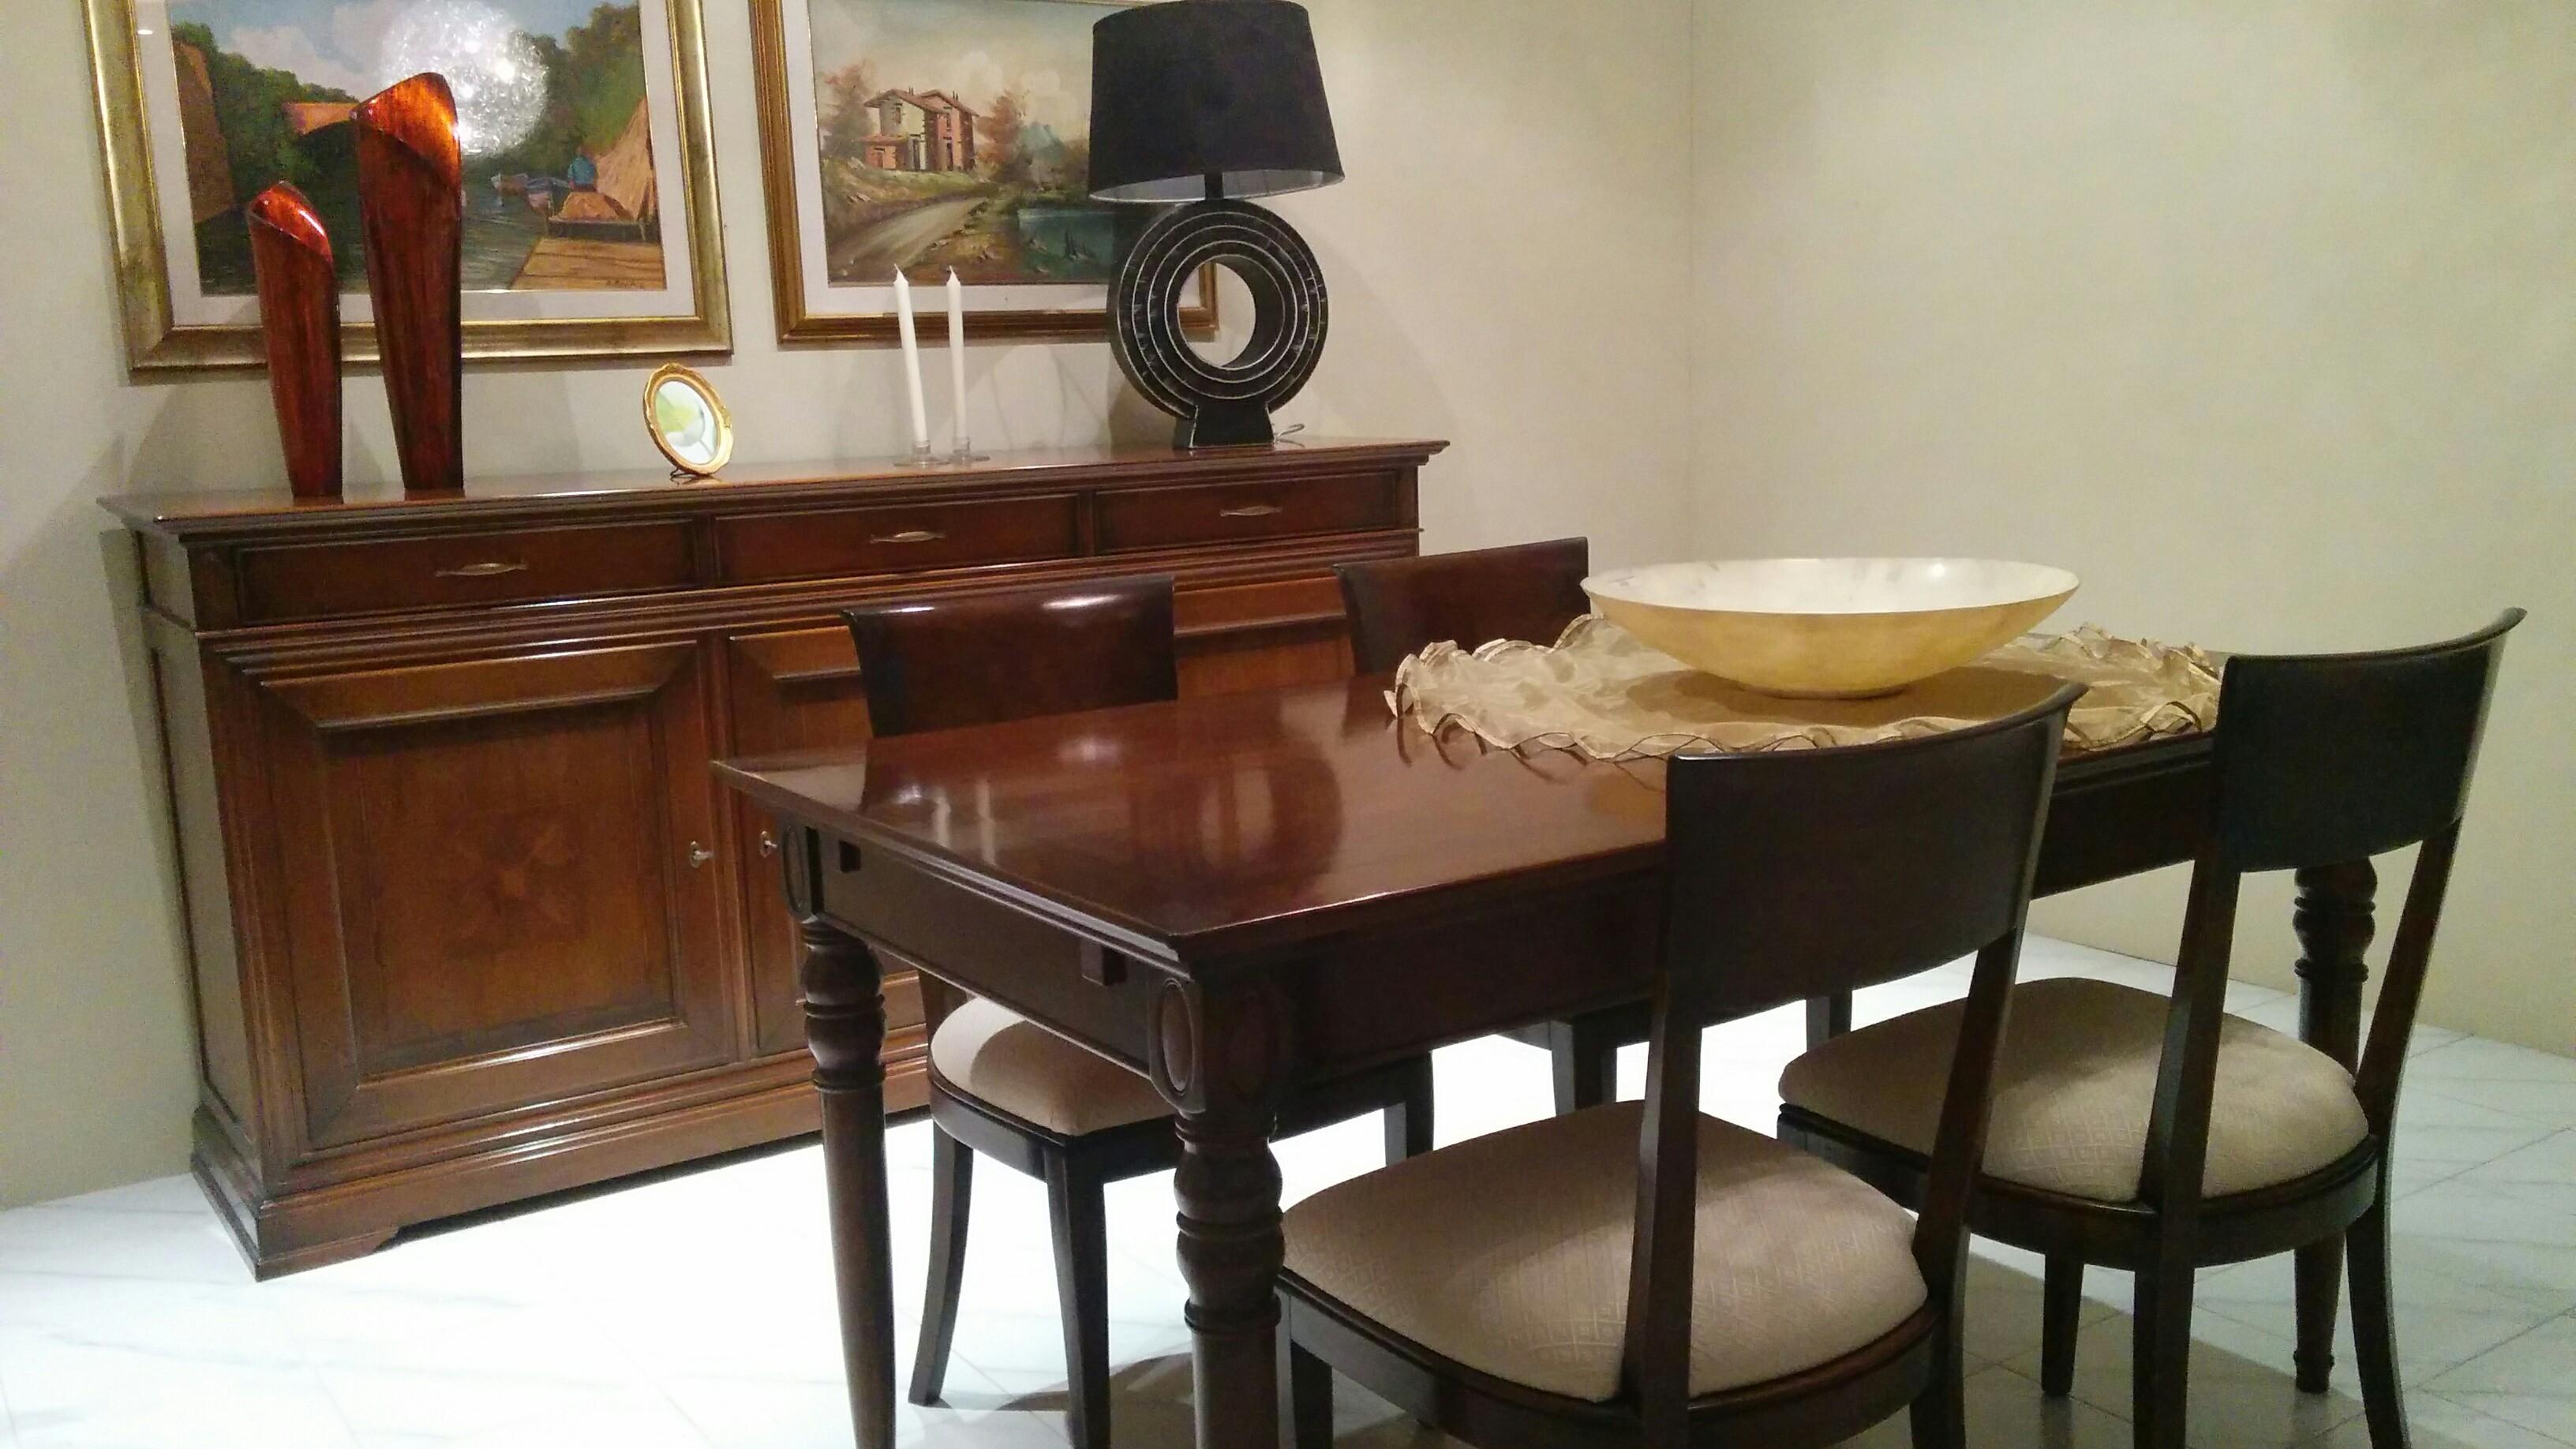 Offerta tavolo sedie e credenza le fablier tavoli a - Tavoli pranzo mondo convenienza ...